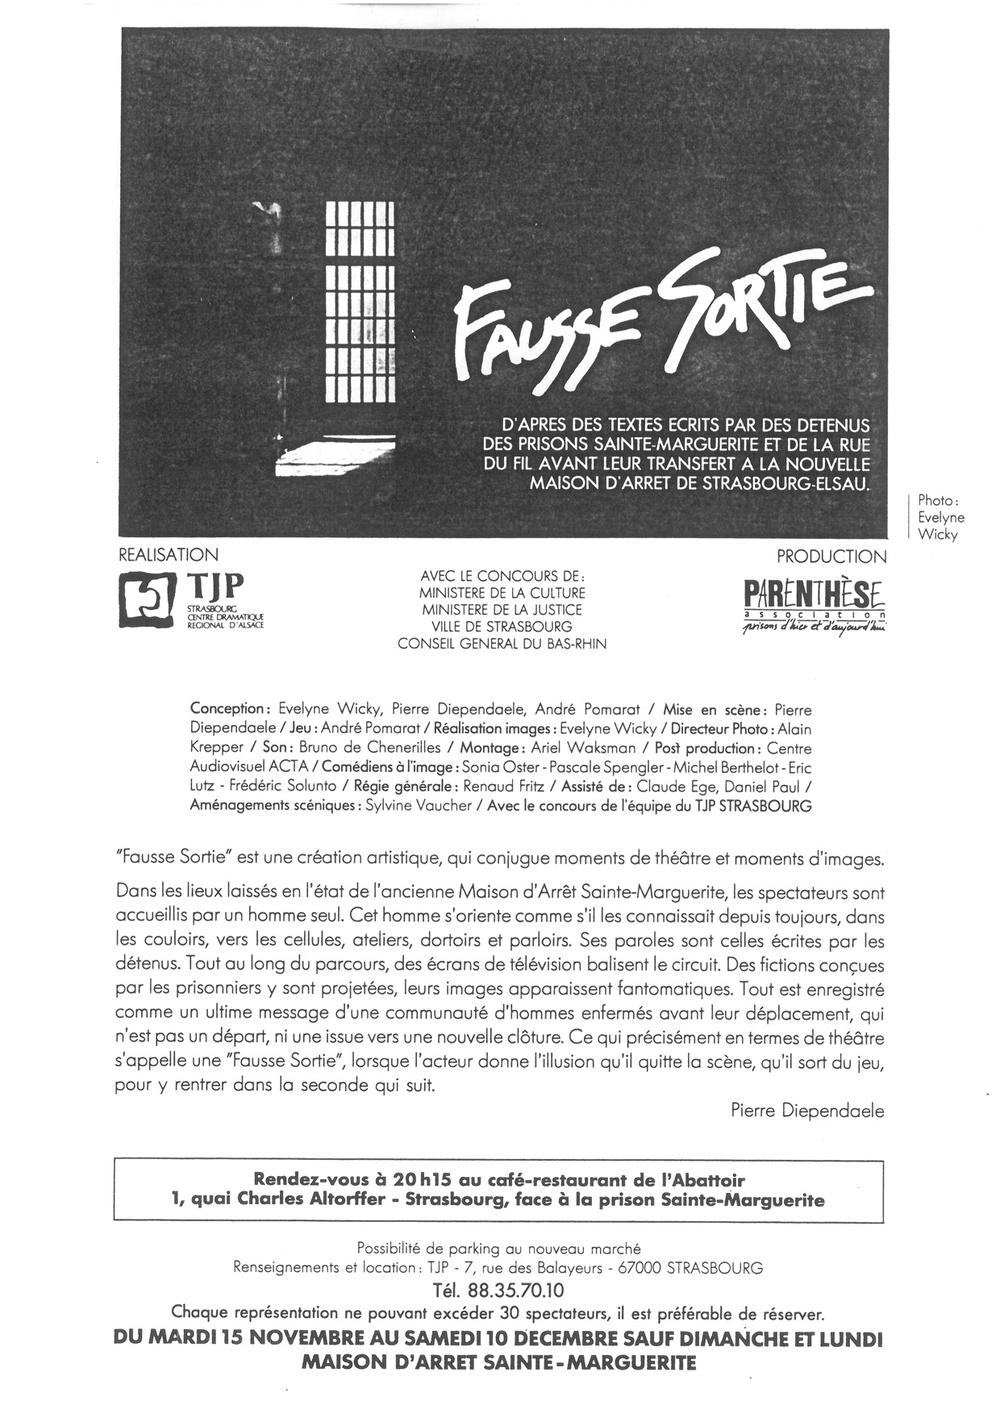 PrésentationduspectacleFaussesortie(1980).D'aprèsdestextesdedétenus.Copienoiretblanc,21x29,7cm.ArchivesduTJP,Strasbourg.